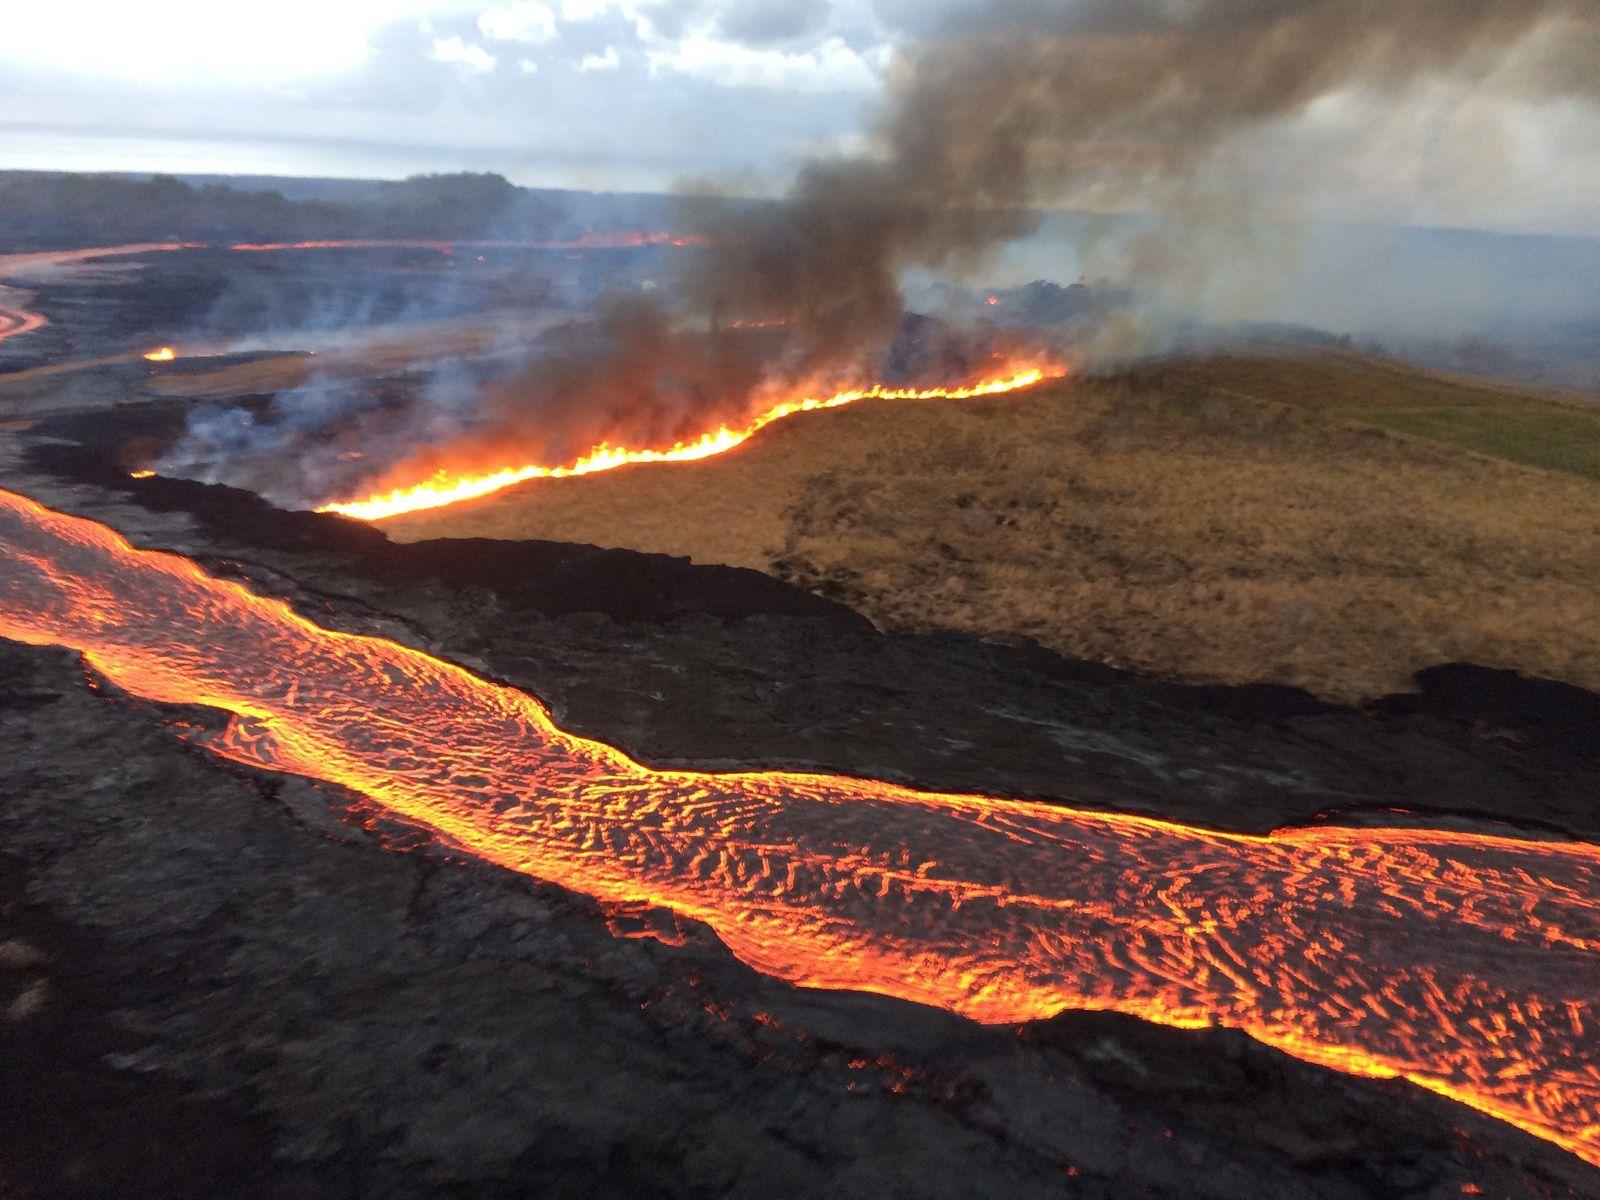 Kilauea zone de rift Est - incendie sur ls spatter et cinder cone Halekamahina, générant de la fumée sombre - photo 28.07.2018 USGS